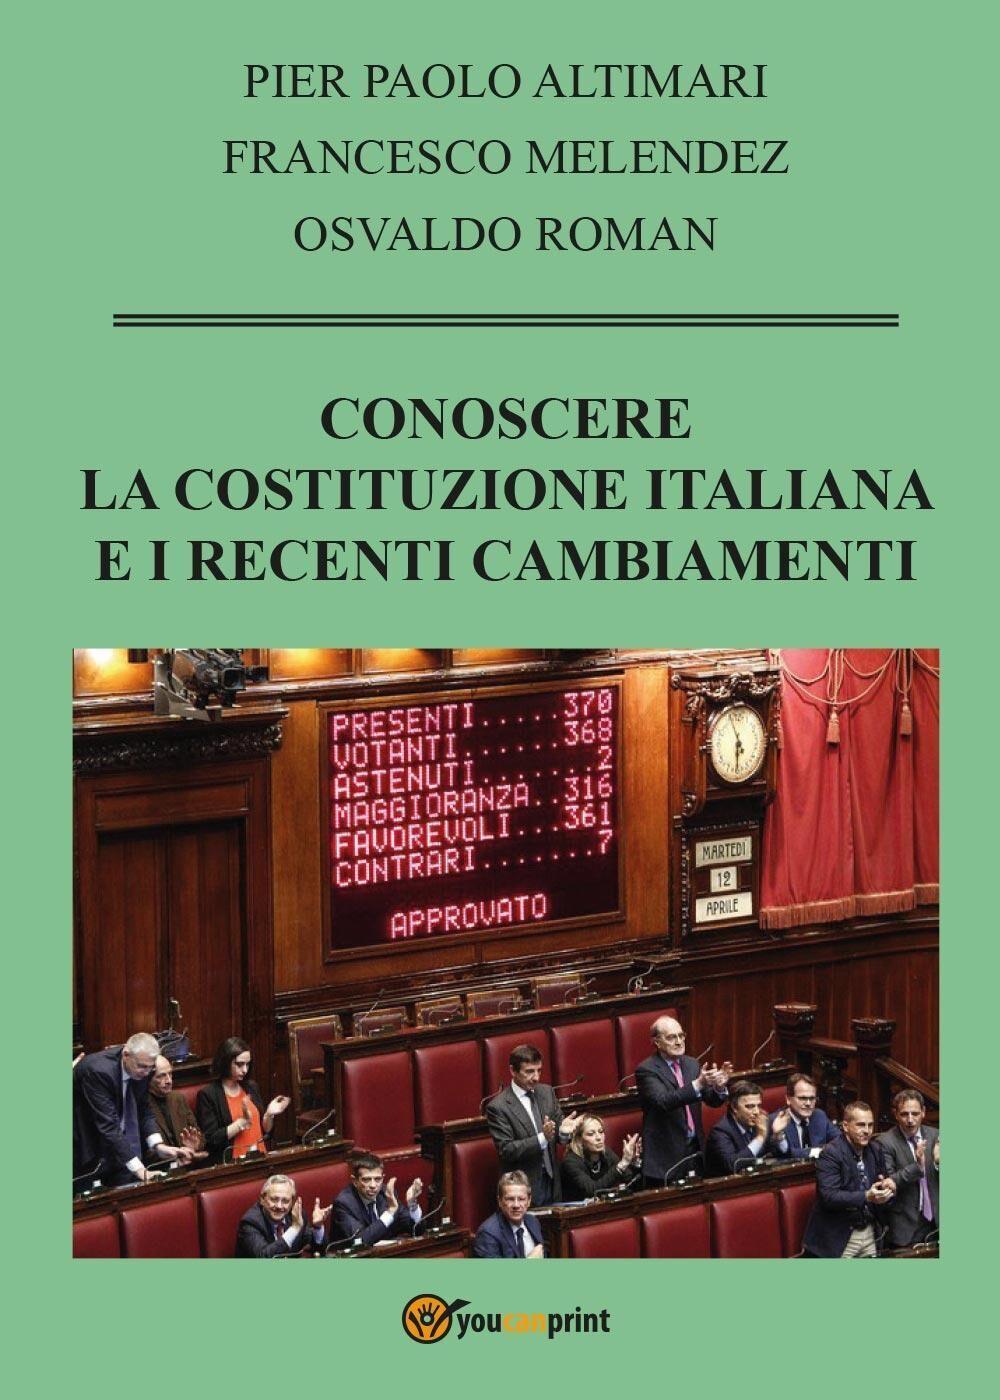 Conoscere la Costituzione italiana e i recenti cambiamenti